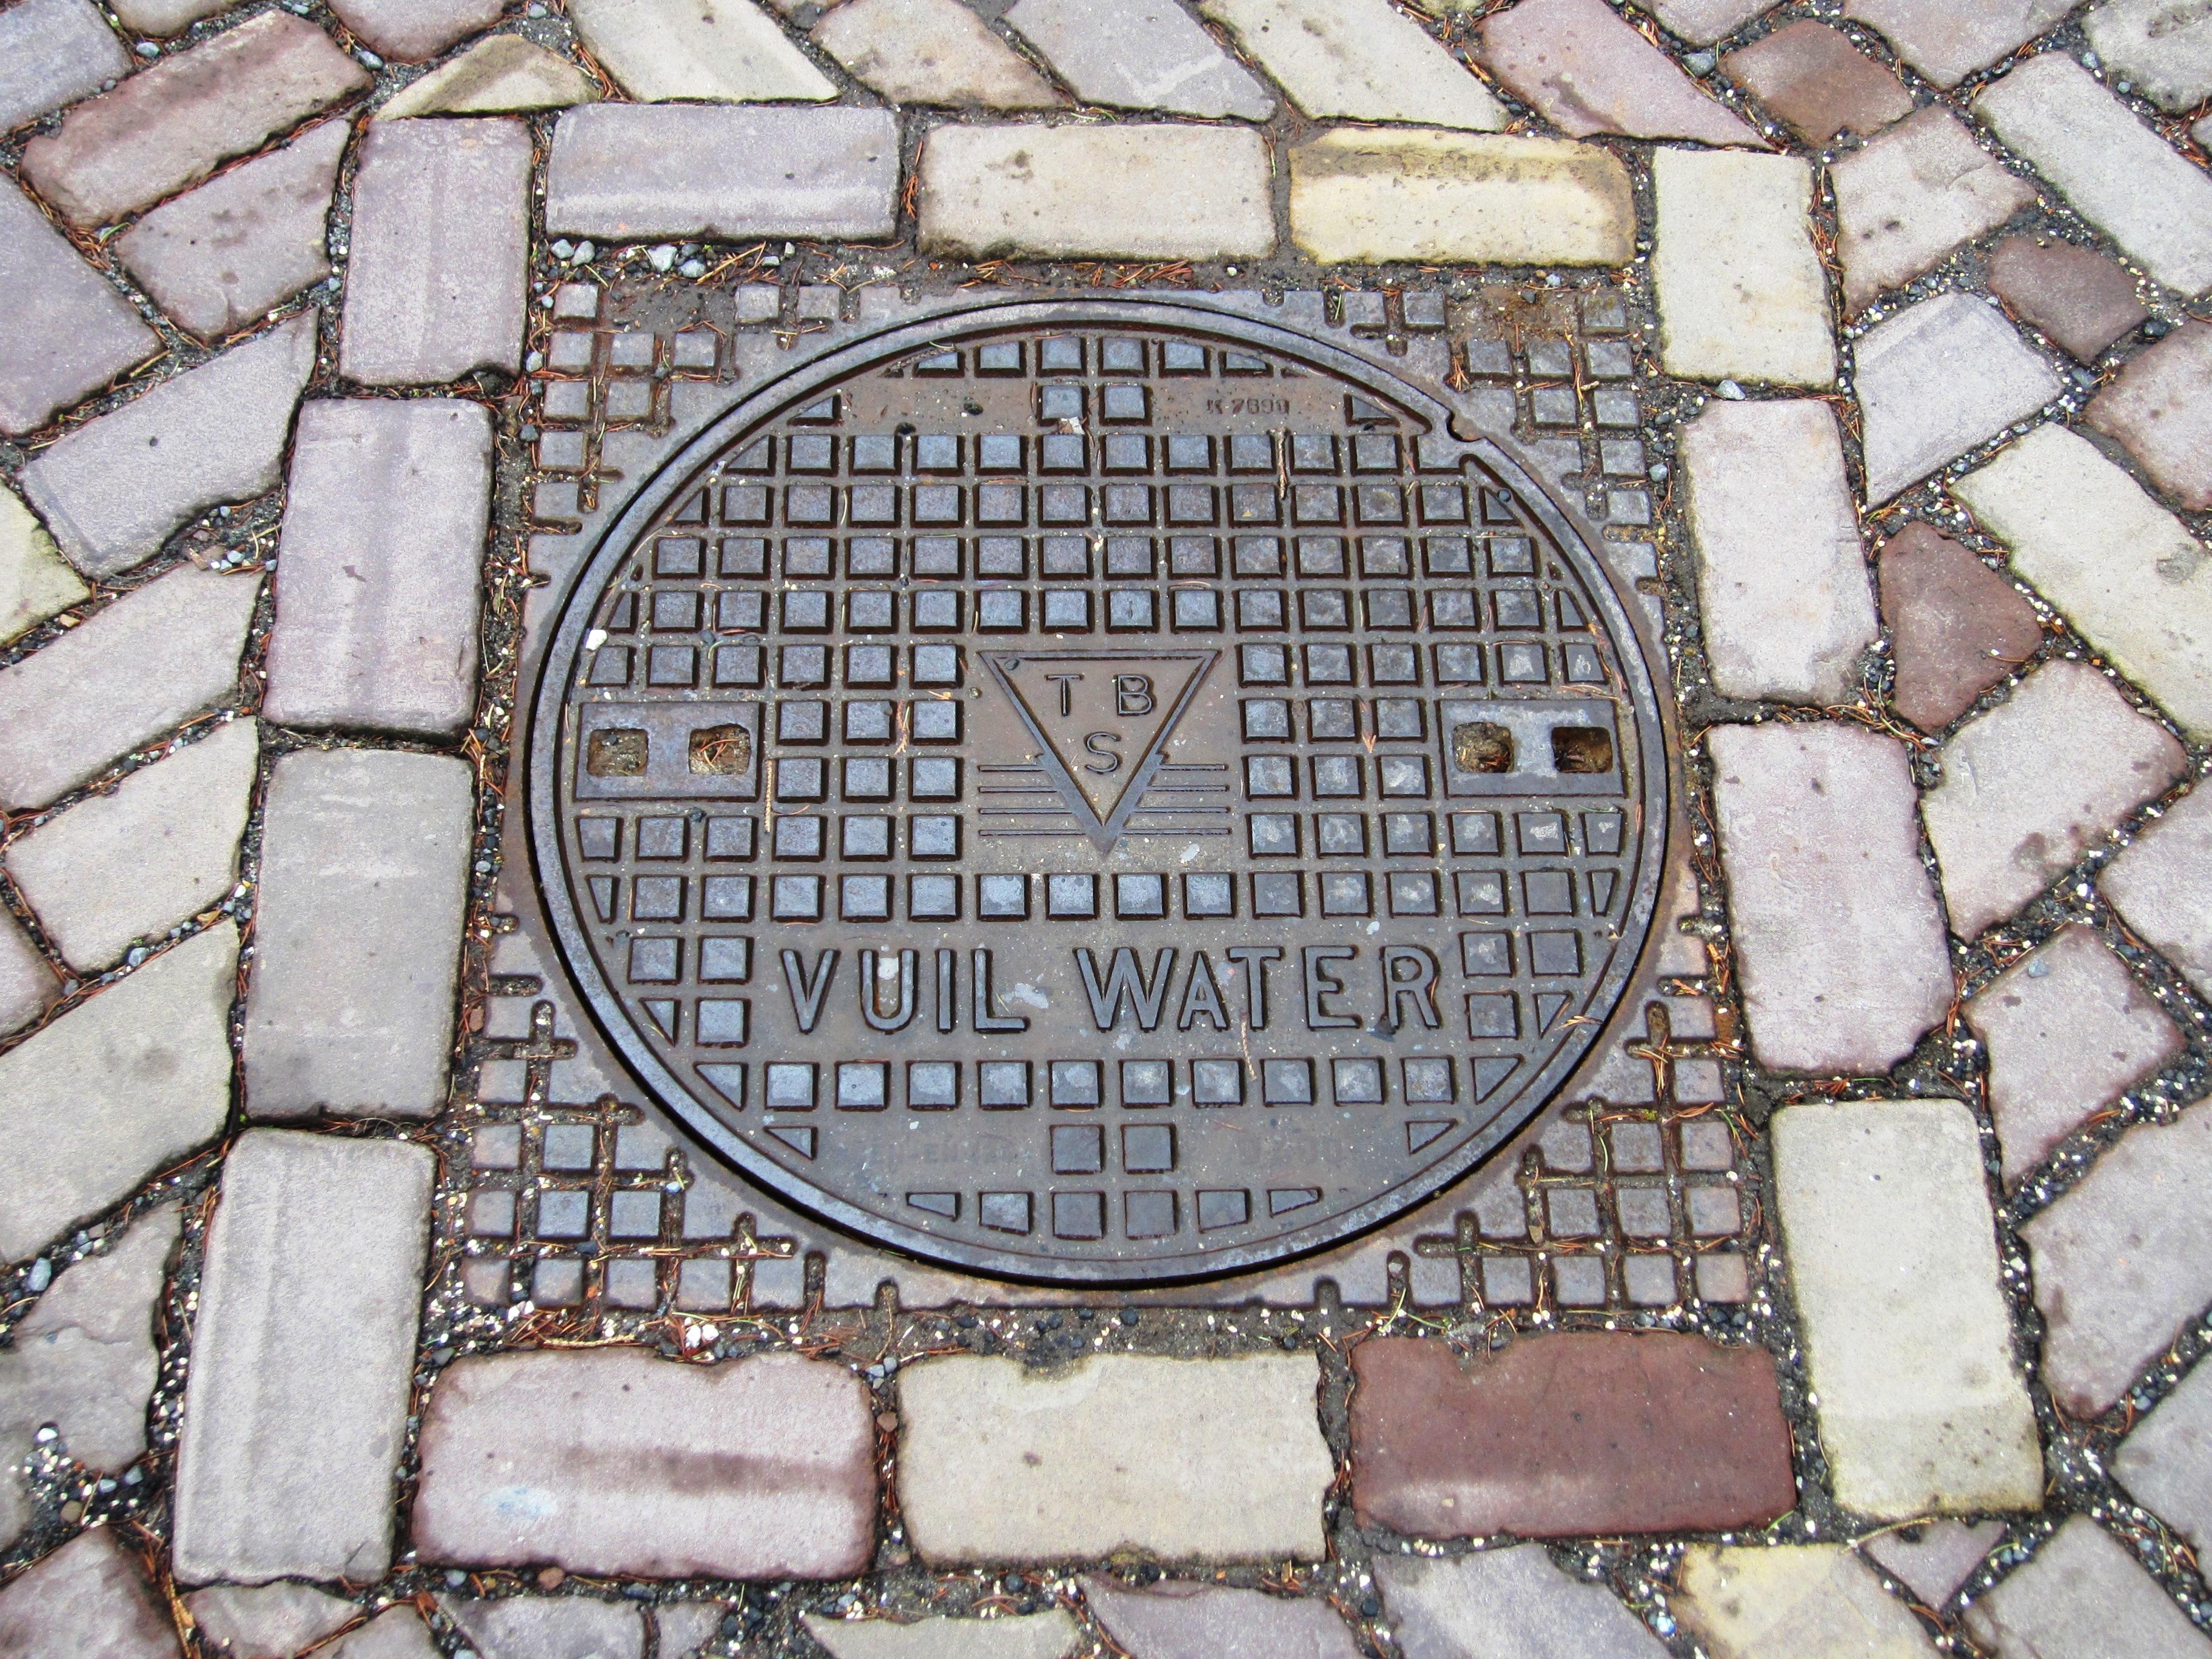 Manhole cover in Zeeuws Vlaanderen